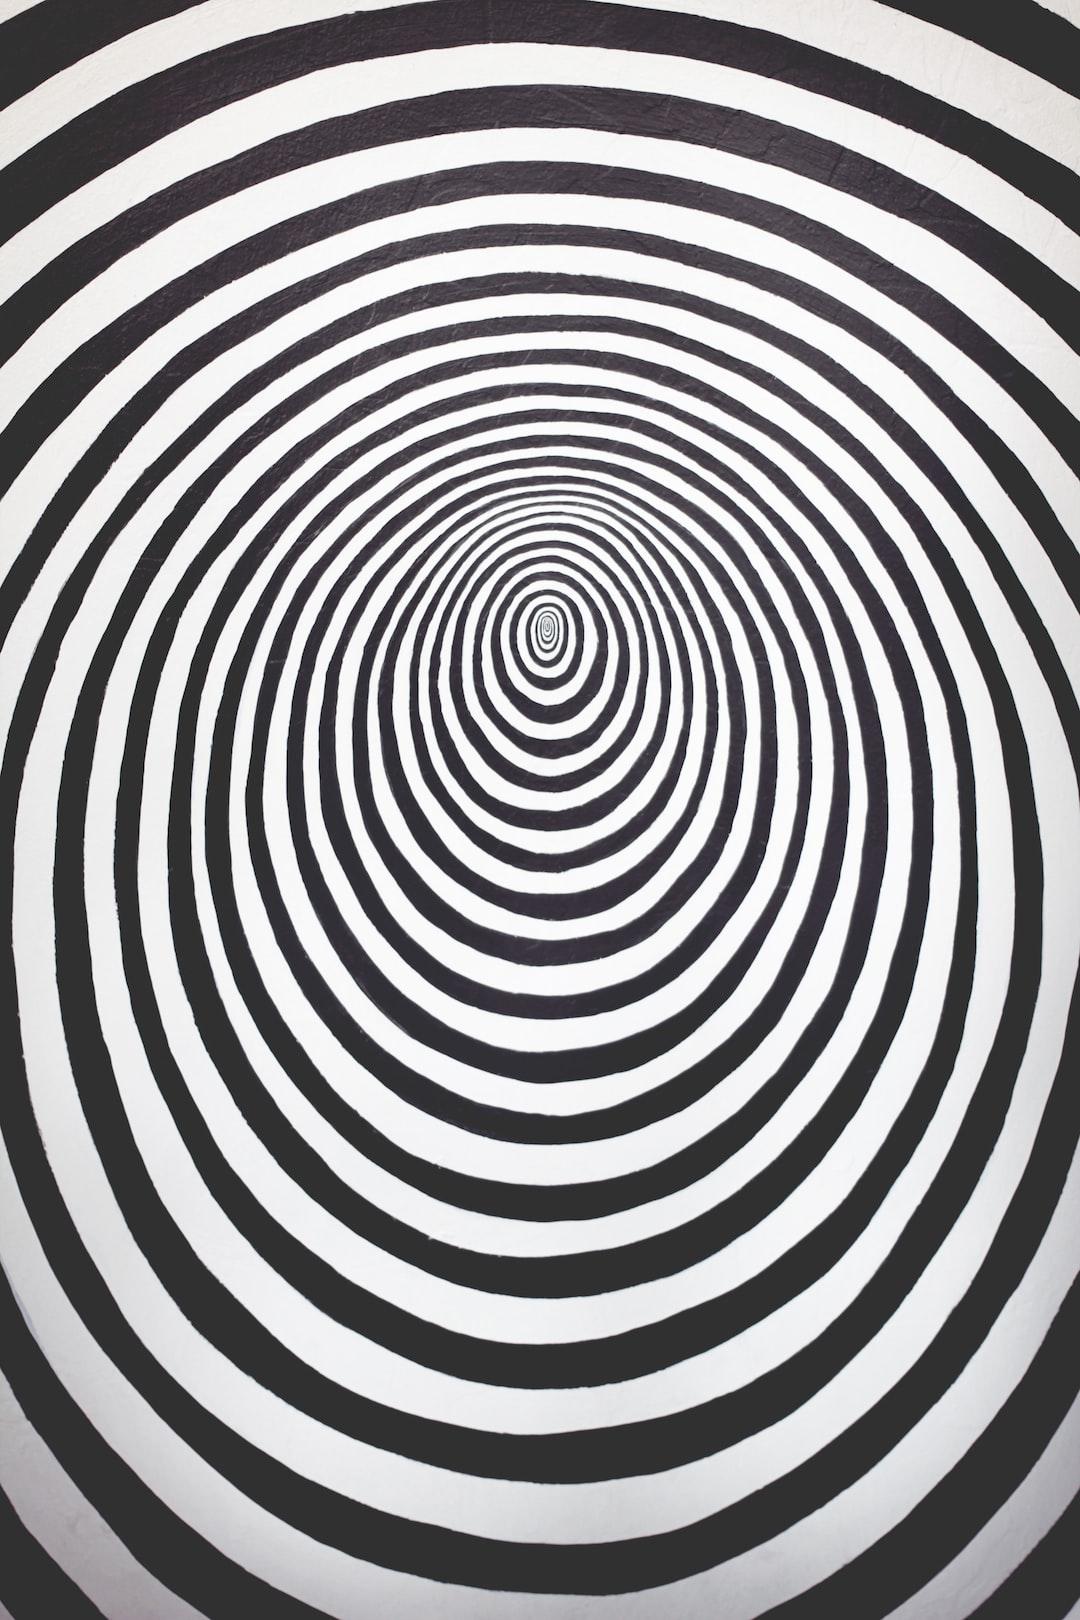 500 Illusion [HD]